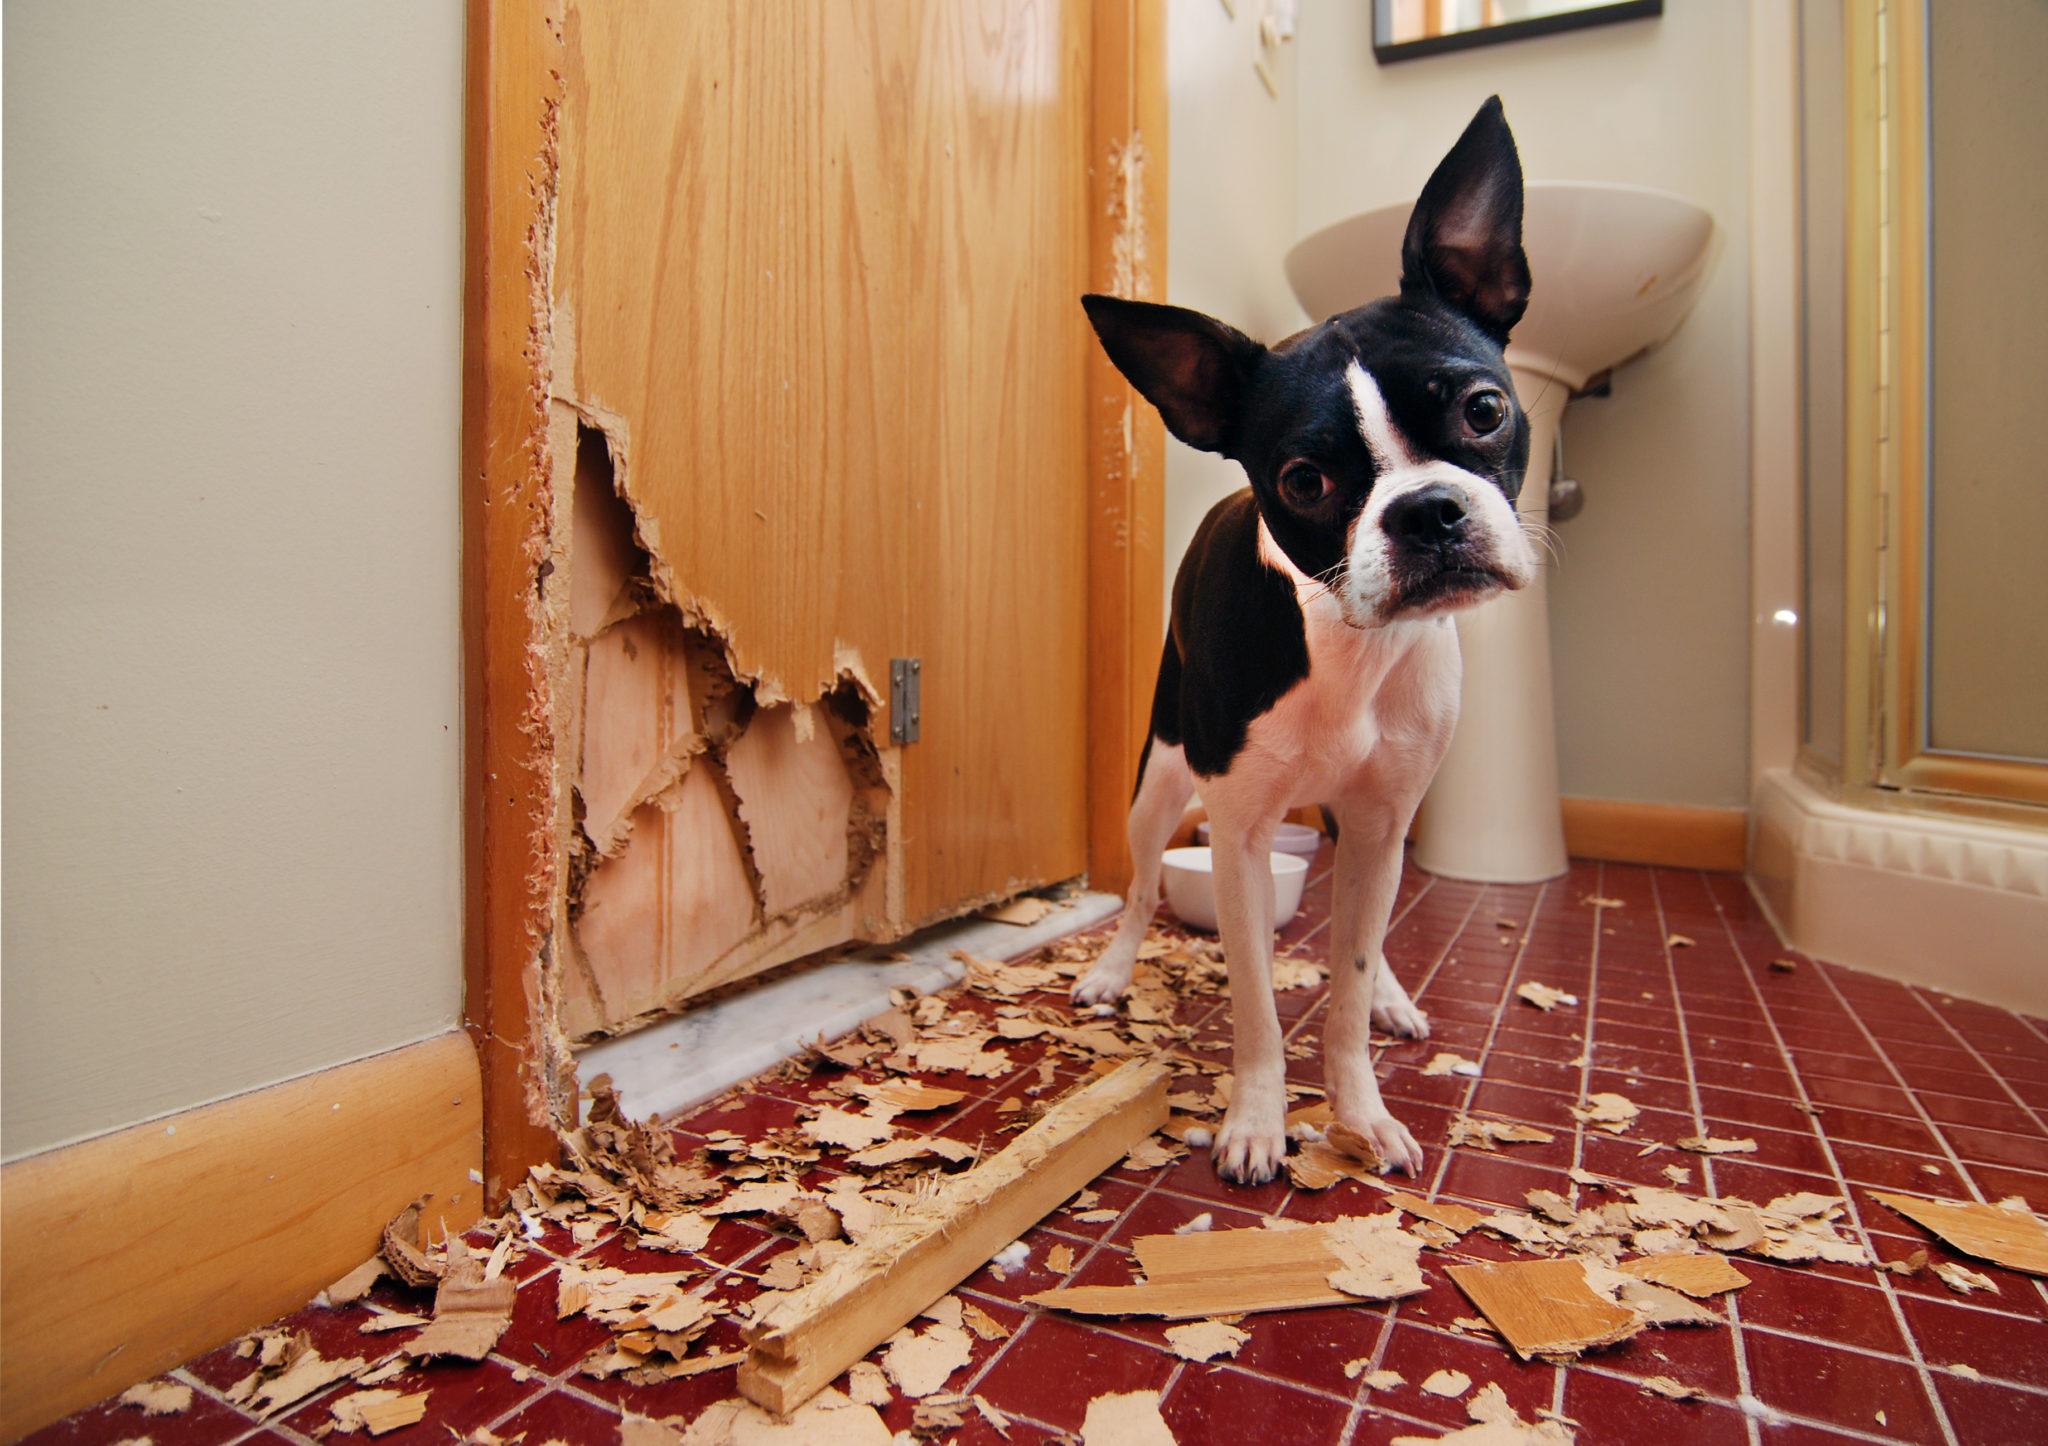 Help mijn hond maakt alles kapot Wat kan ik hier aan doen